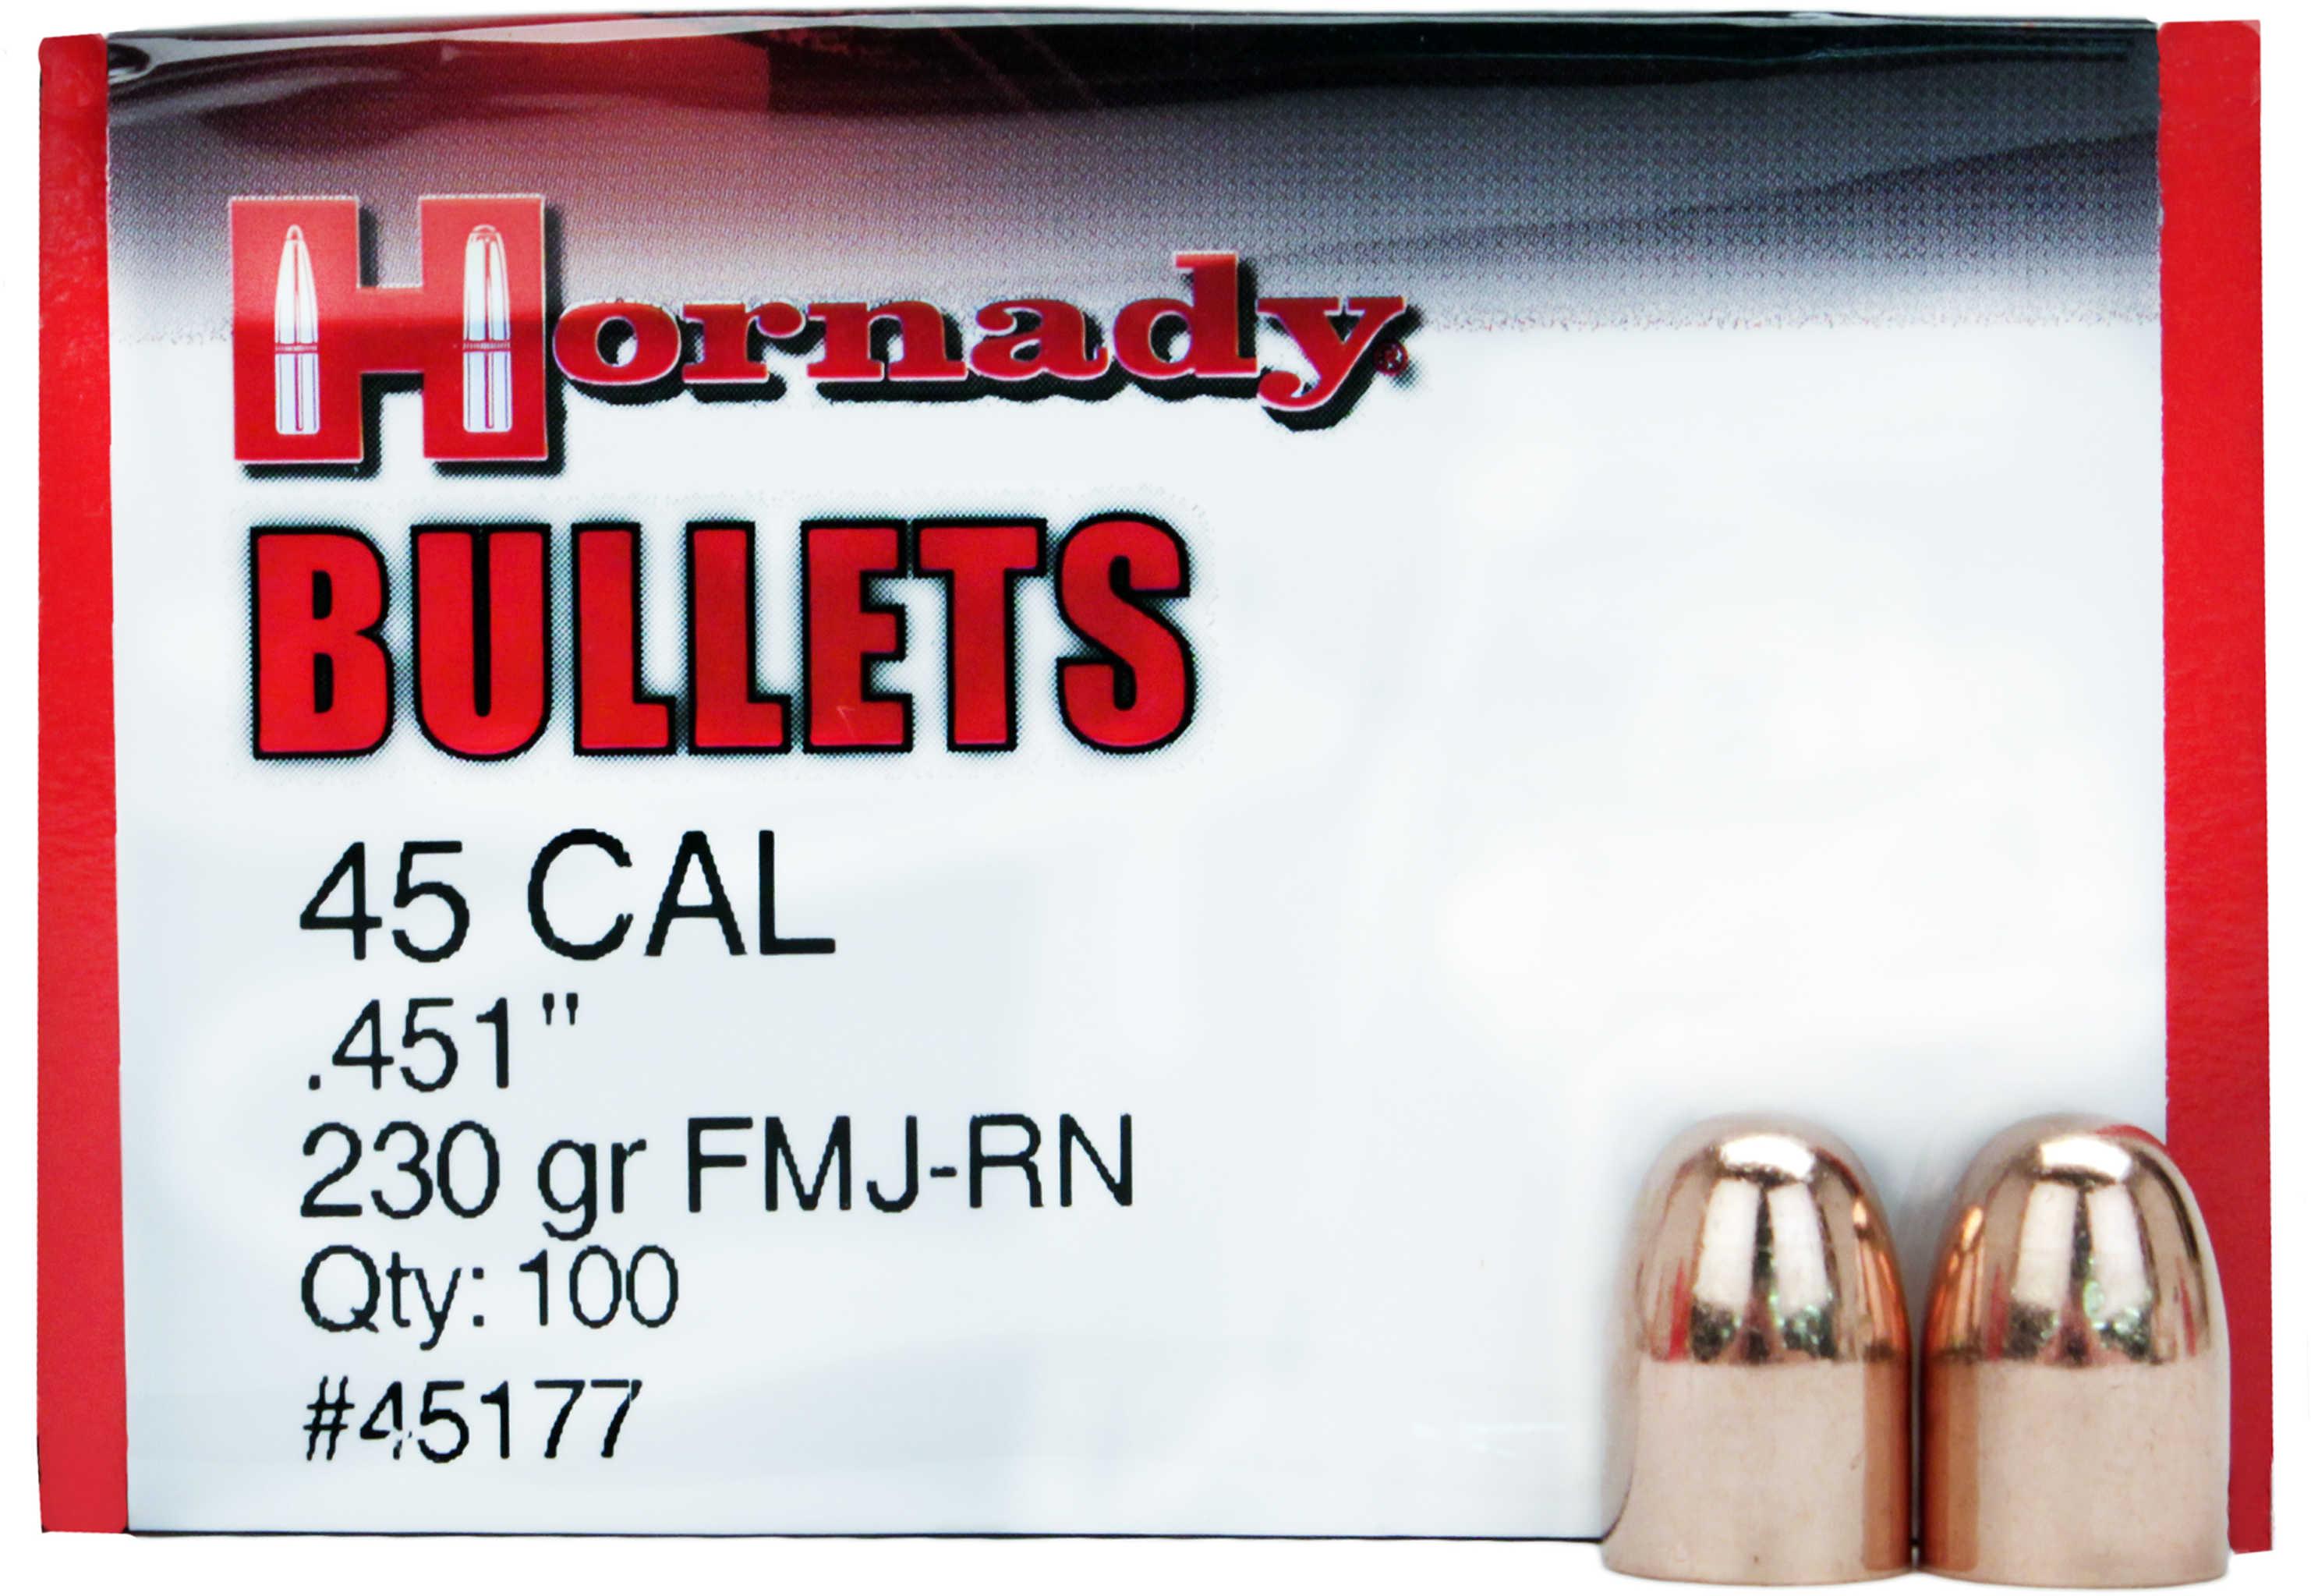 Hornady 45 Caliber Bullets (.451) 230 Grains FMJ-RN ENC (Per 100) 45177